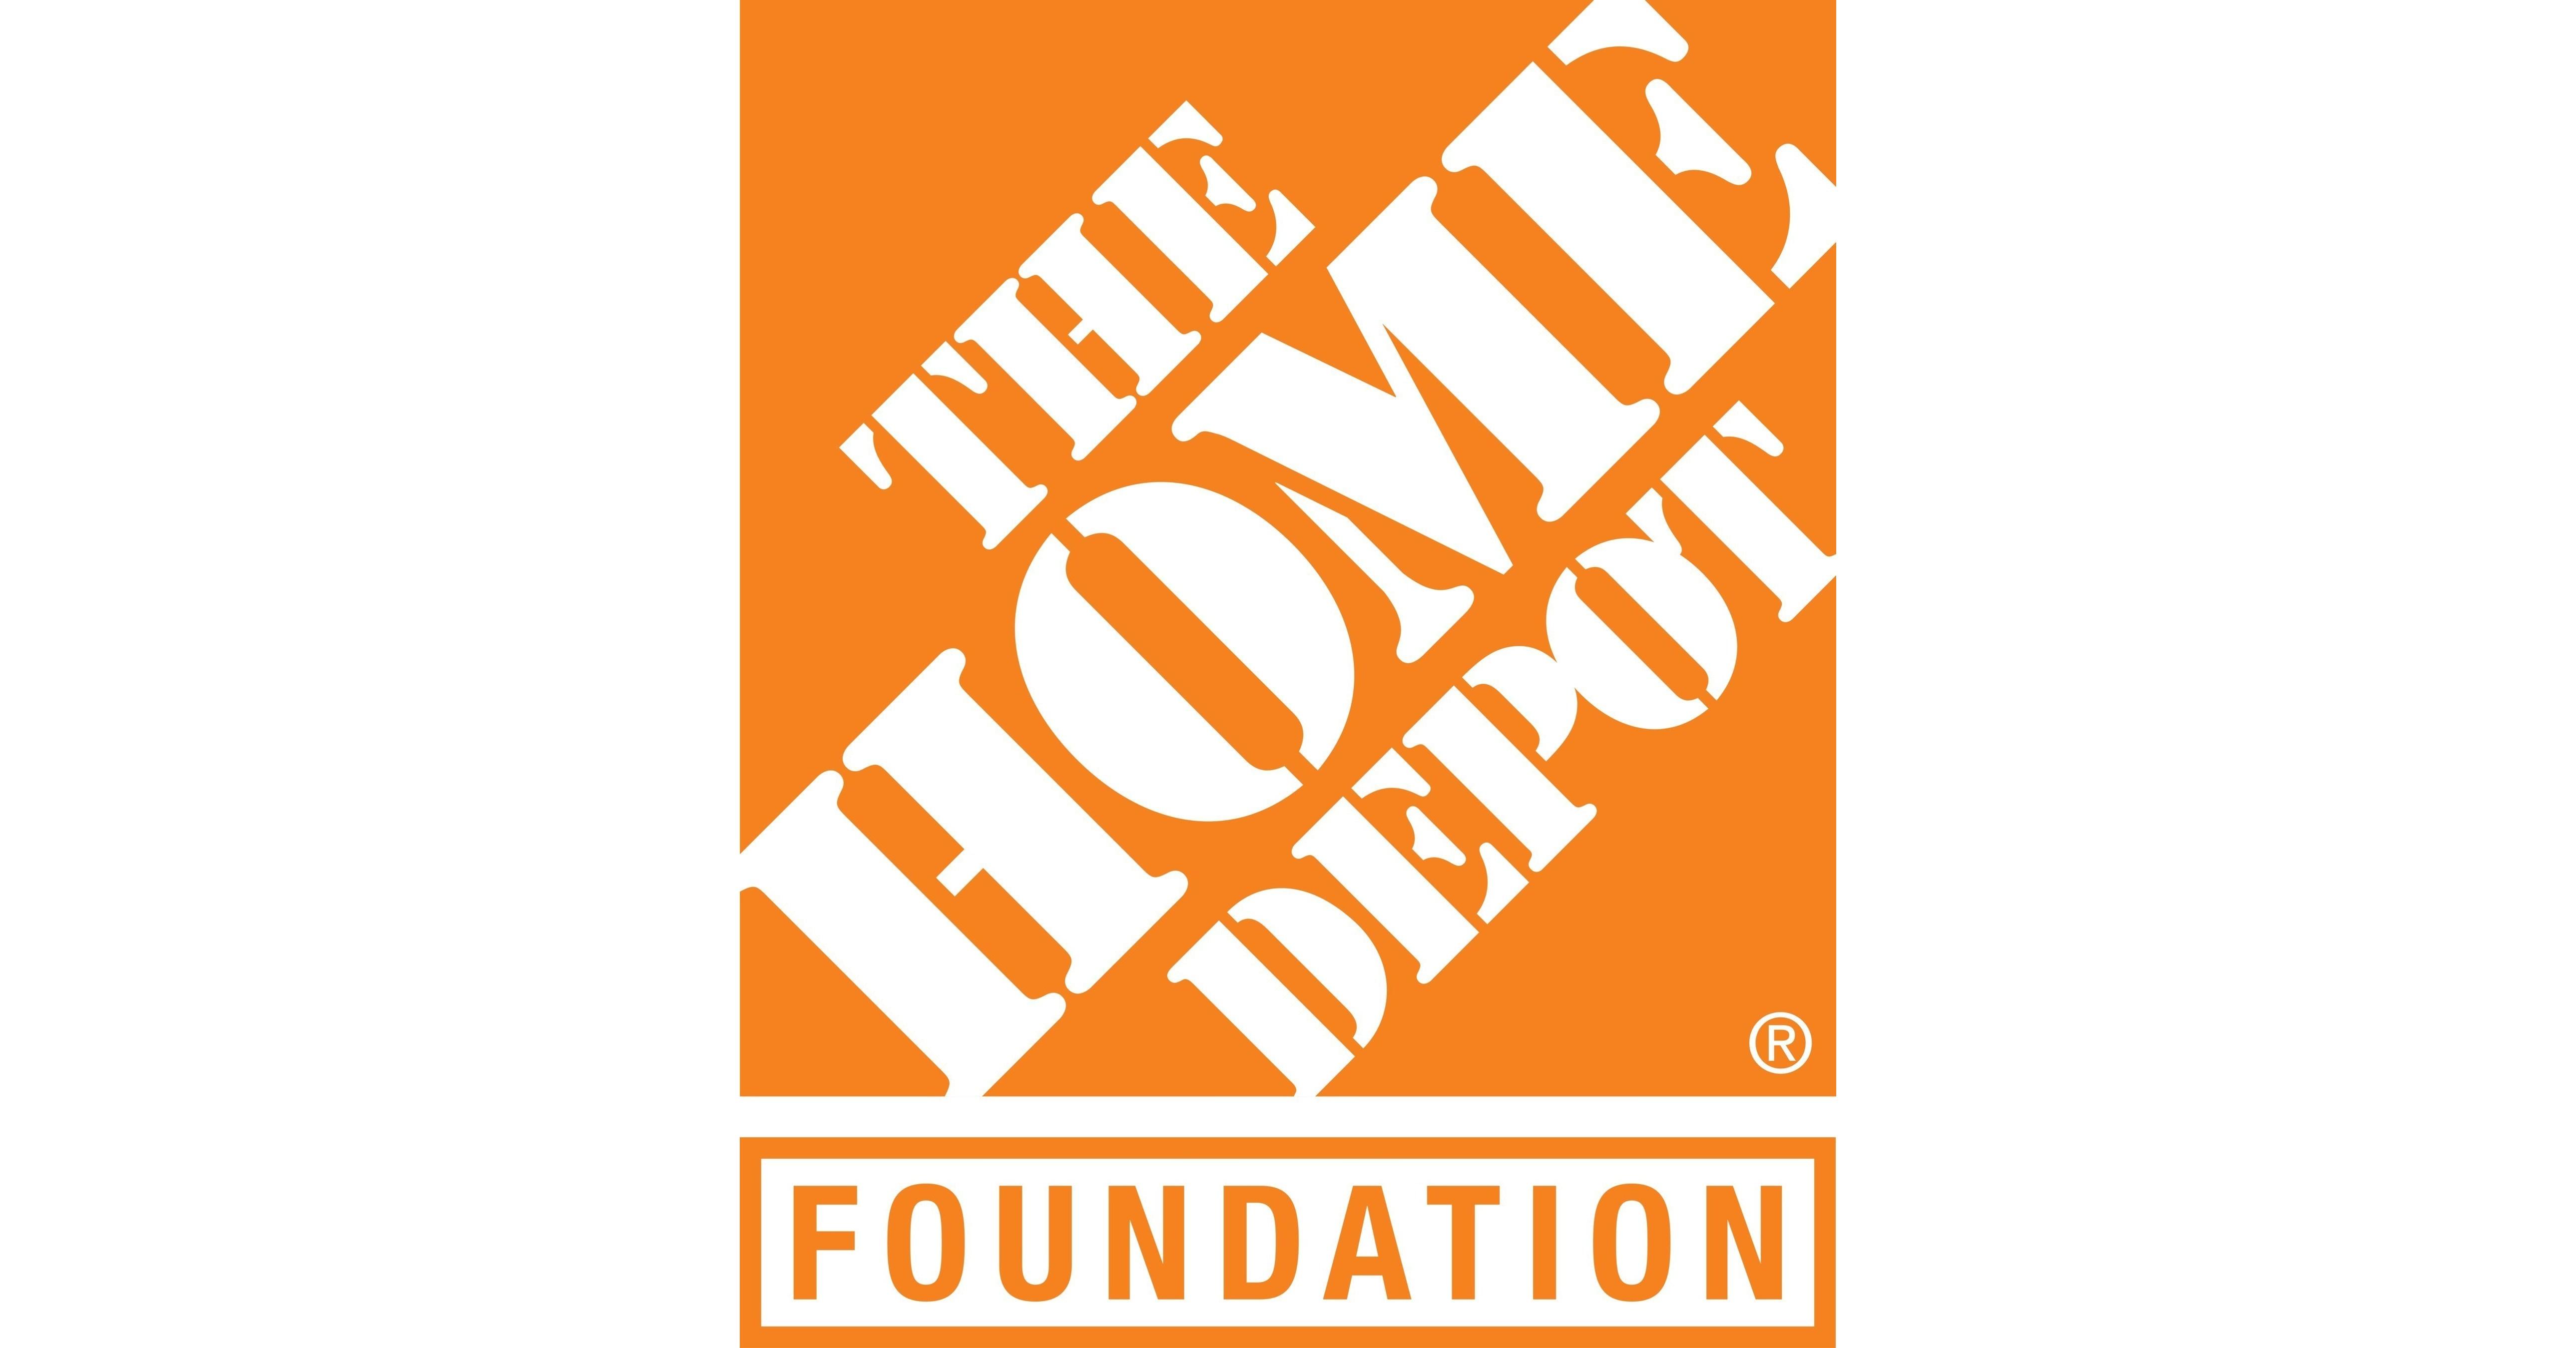 La Fundación The Home Depot compromete $1 millón para los ...